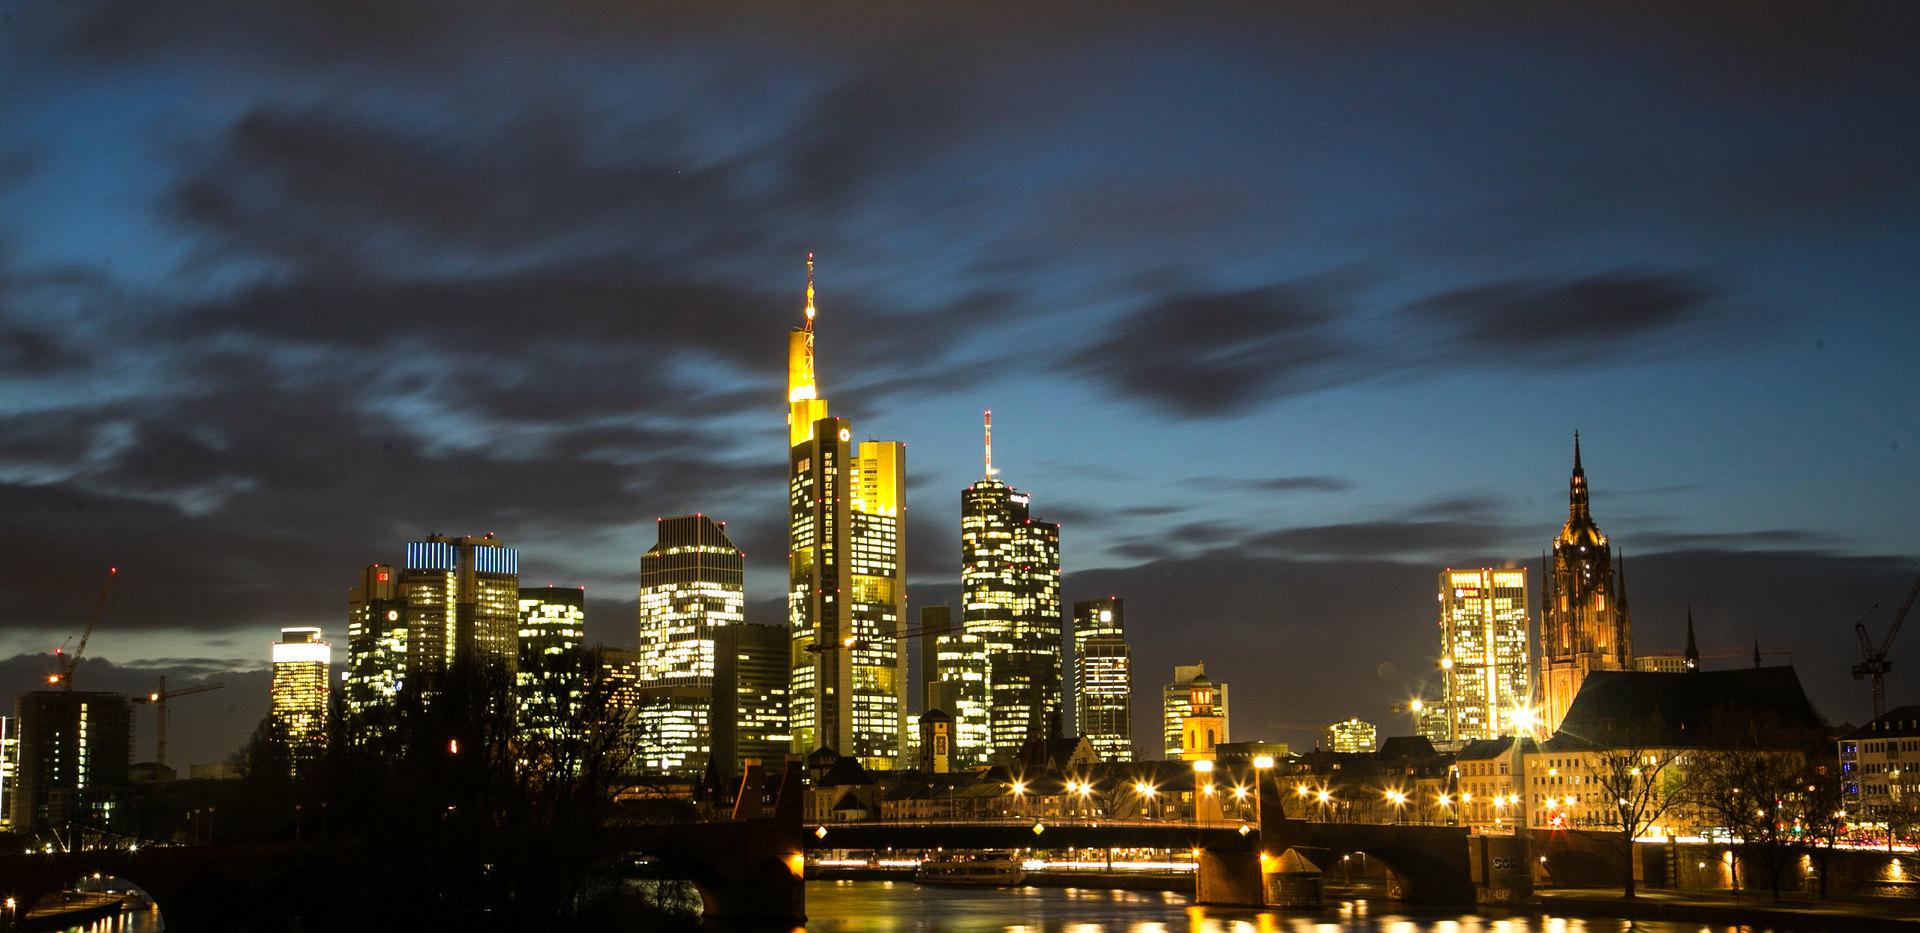 Architektur in Frankfurt | Skyline | fototouren.net